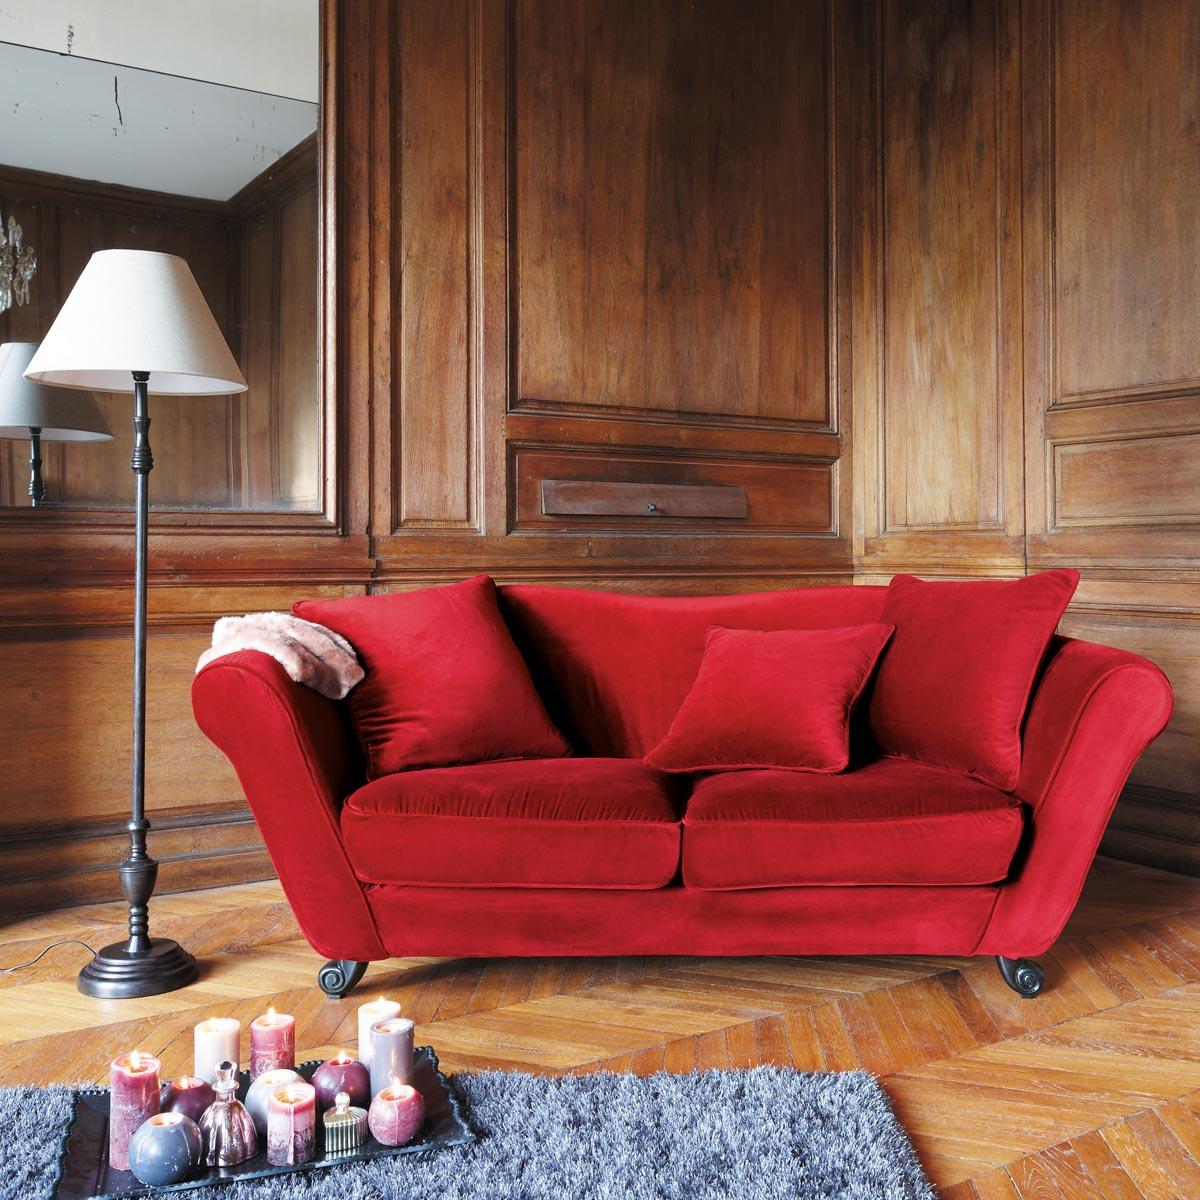 Canapé Brooke Maison Du Monde Meilleur De Collection Canaps Maison Du Monde Beautiful Canaps Vintage Places Cuir aspect